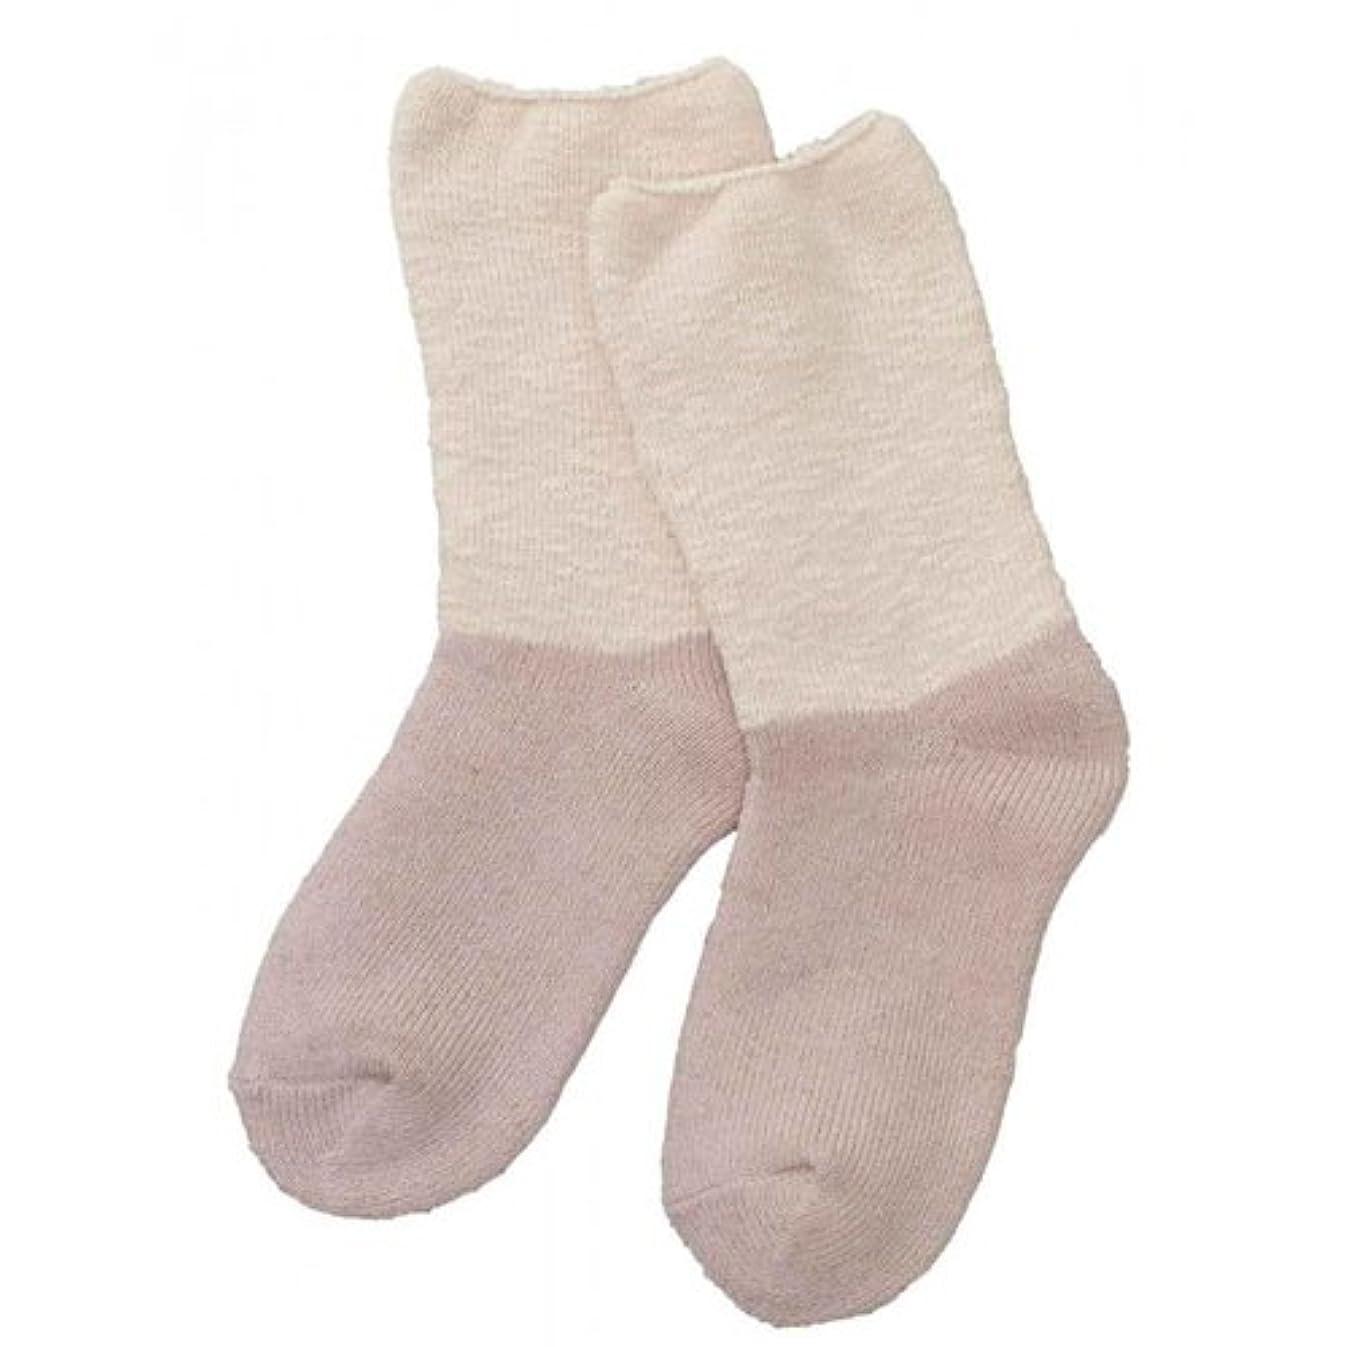 マッシュ製造業剃るCarelance(ケアランス)お風呂上りのやさしい靴下 綿麻パイルで足先さわやか 8706CA-12 ピンク